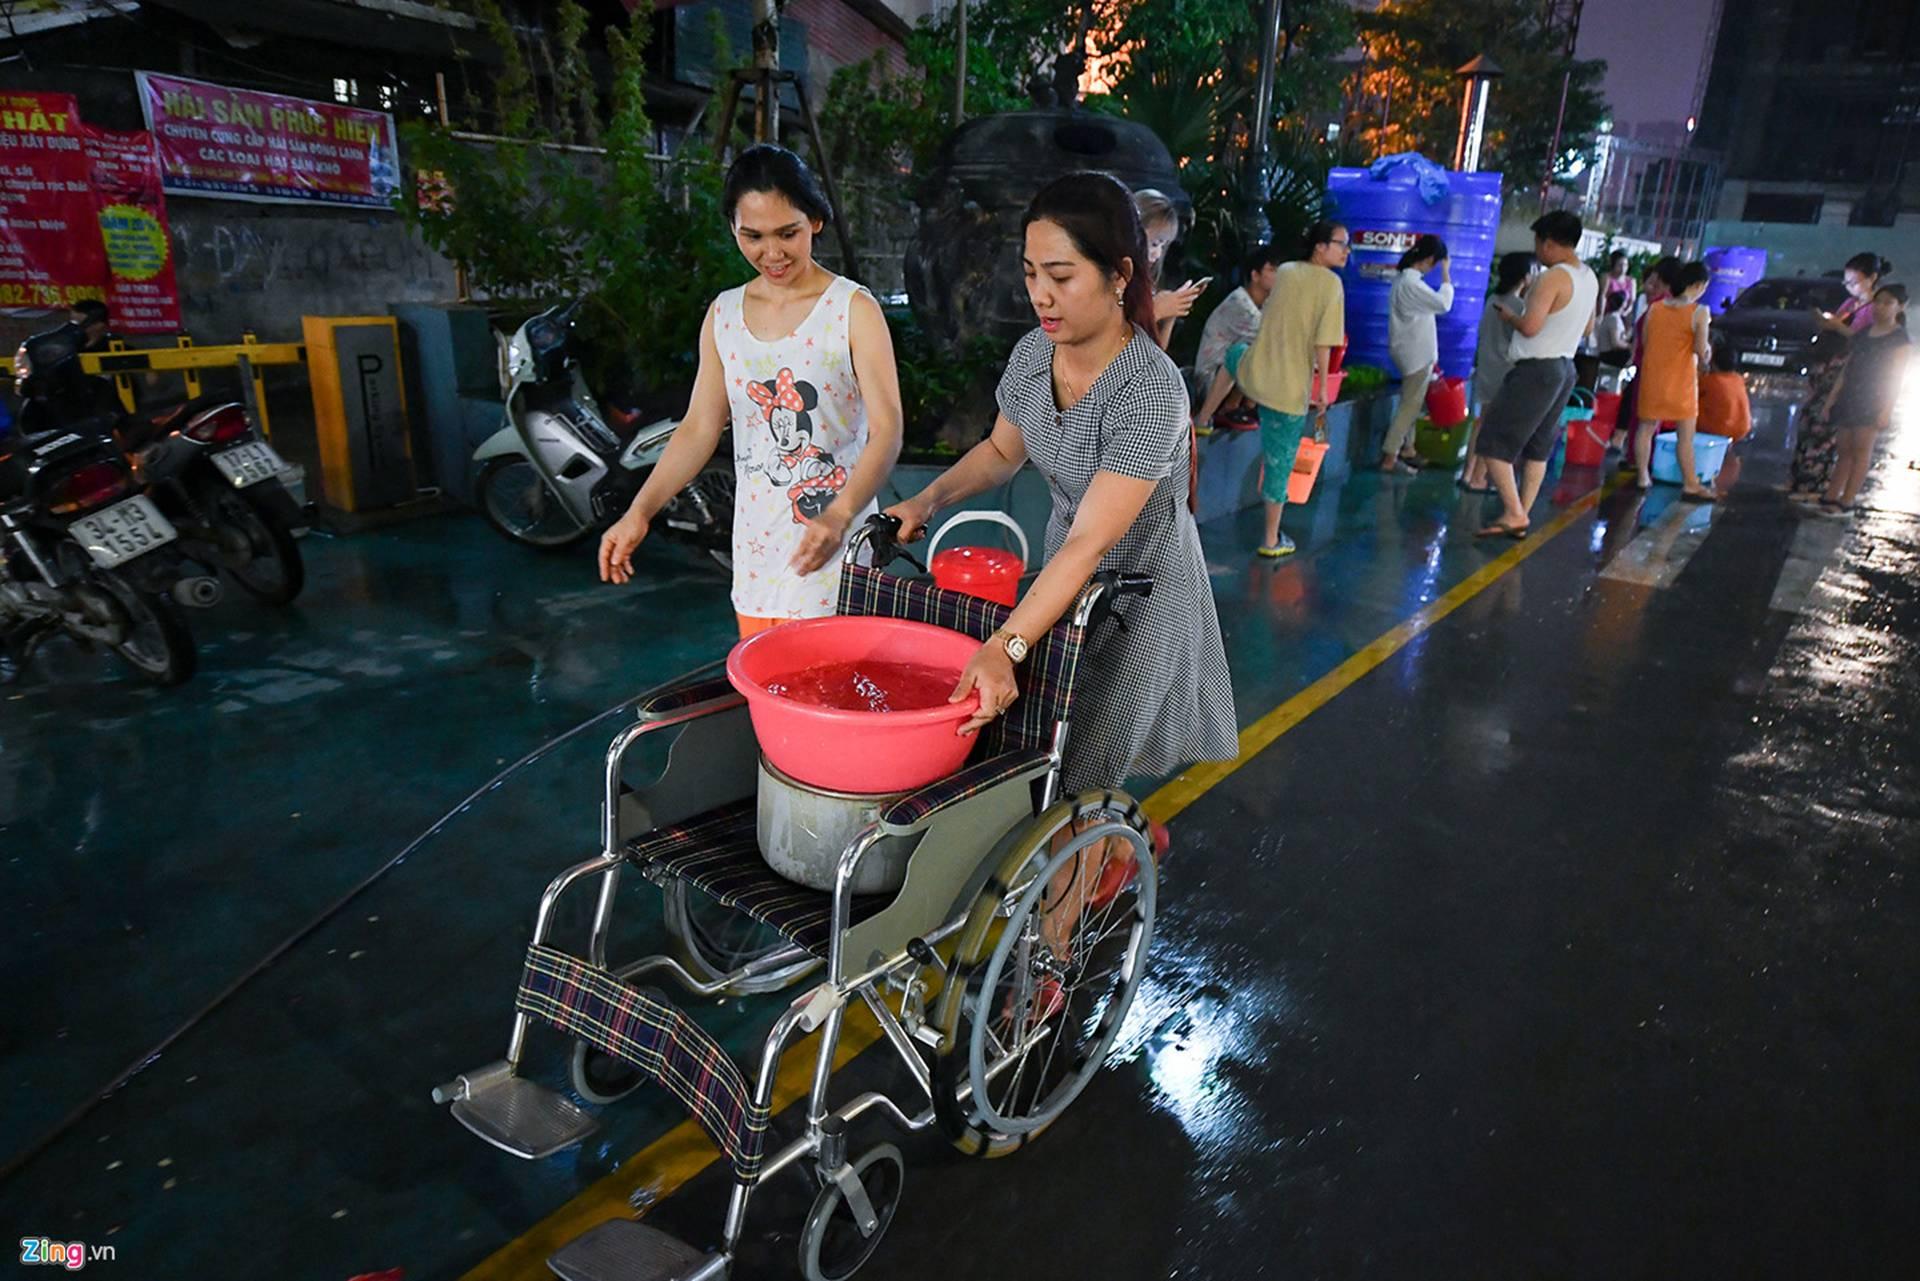 Cuộc sống người Hà Nội đảo lộn trong cơn khủng hoảng nước-28